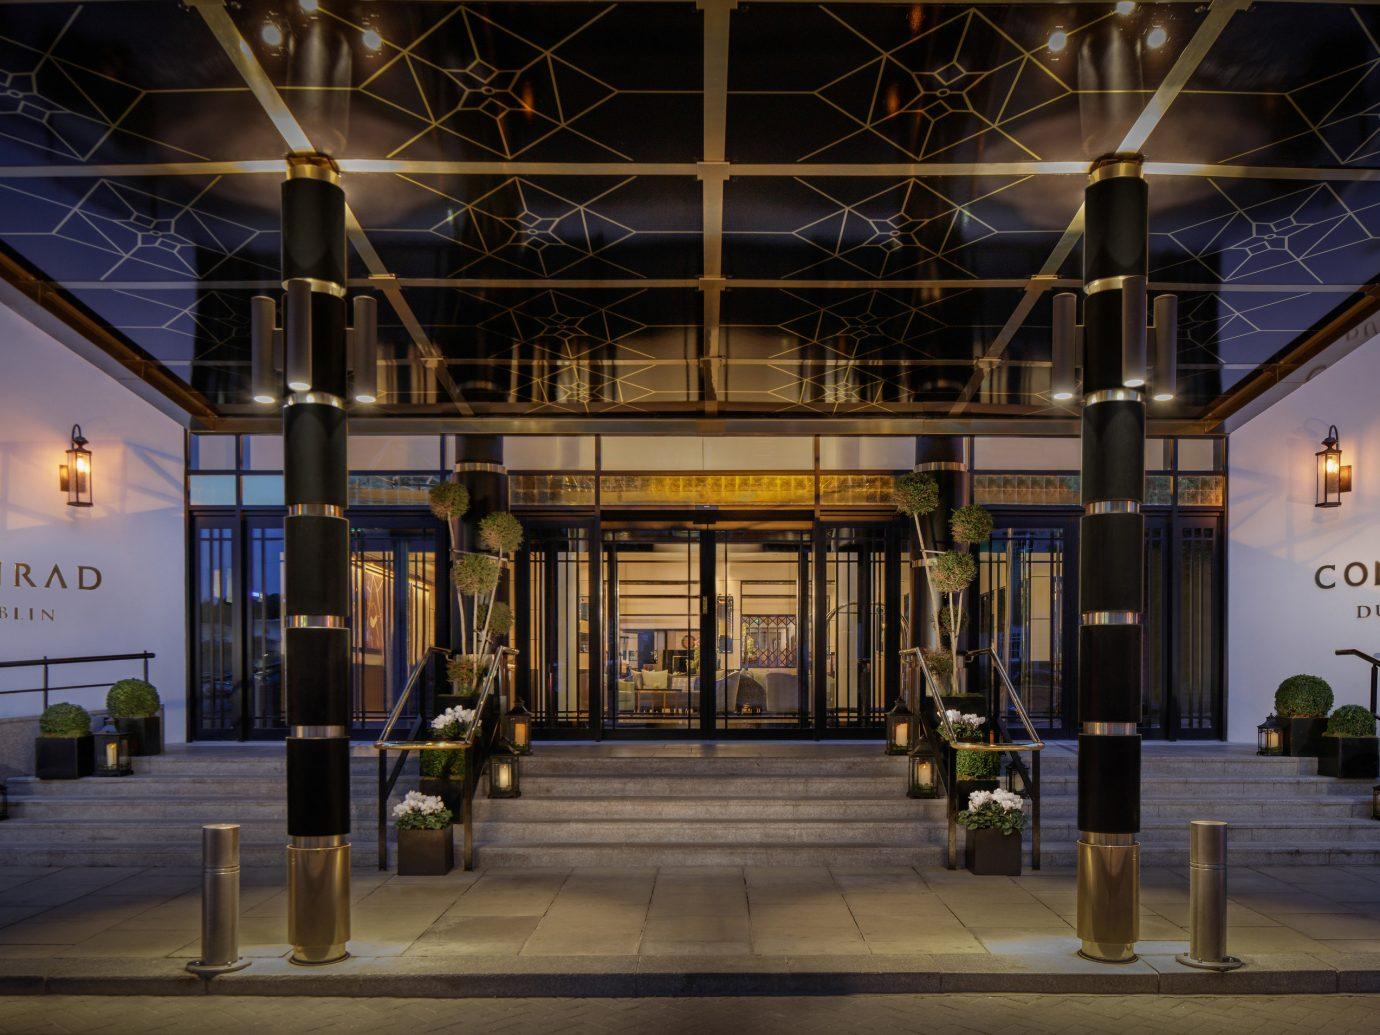 Dublin Hotels Ireland Lobby lighting night building facade evening interior design